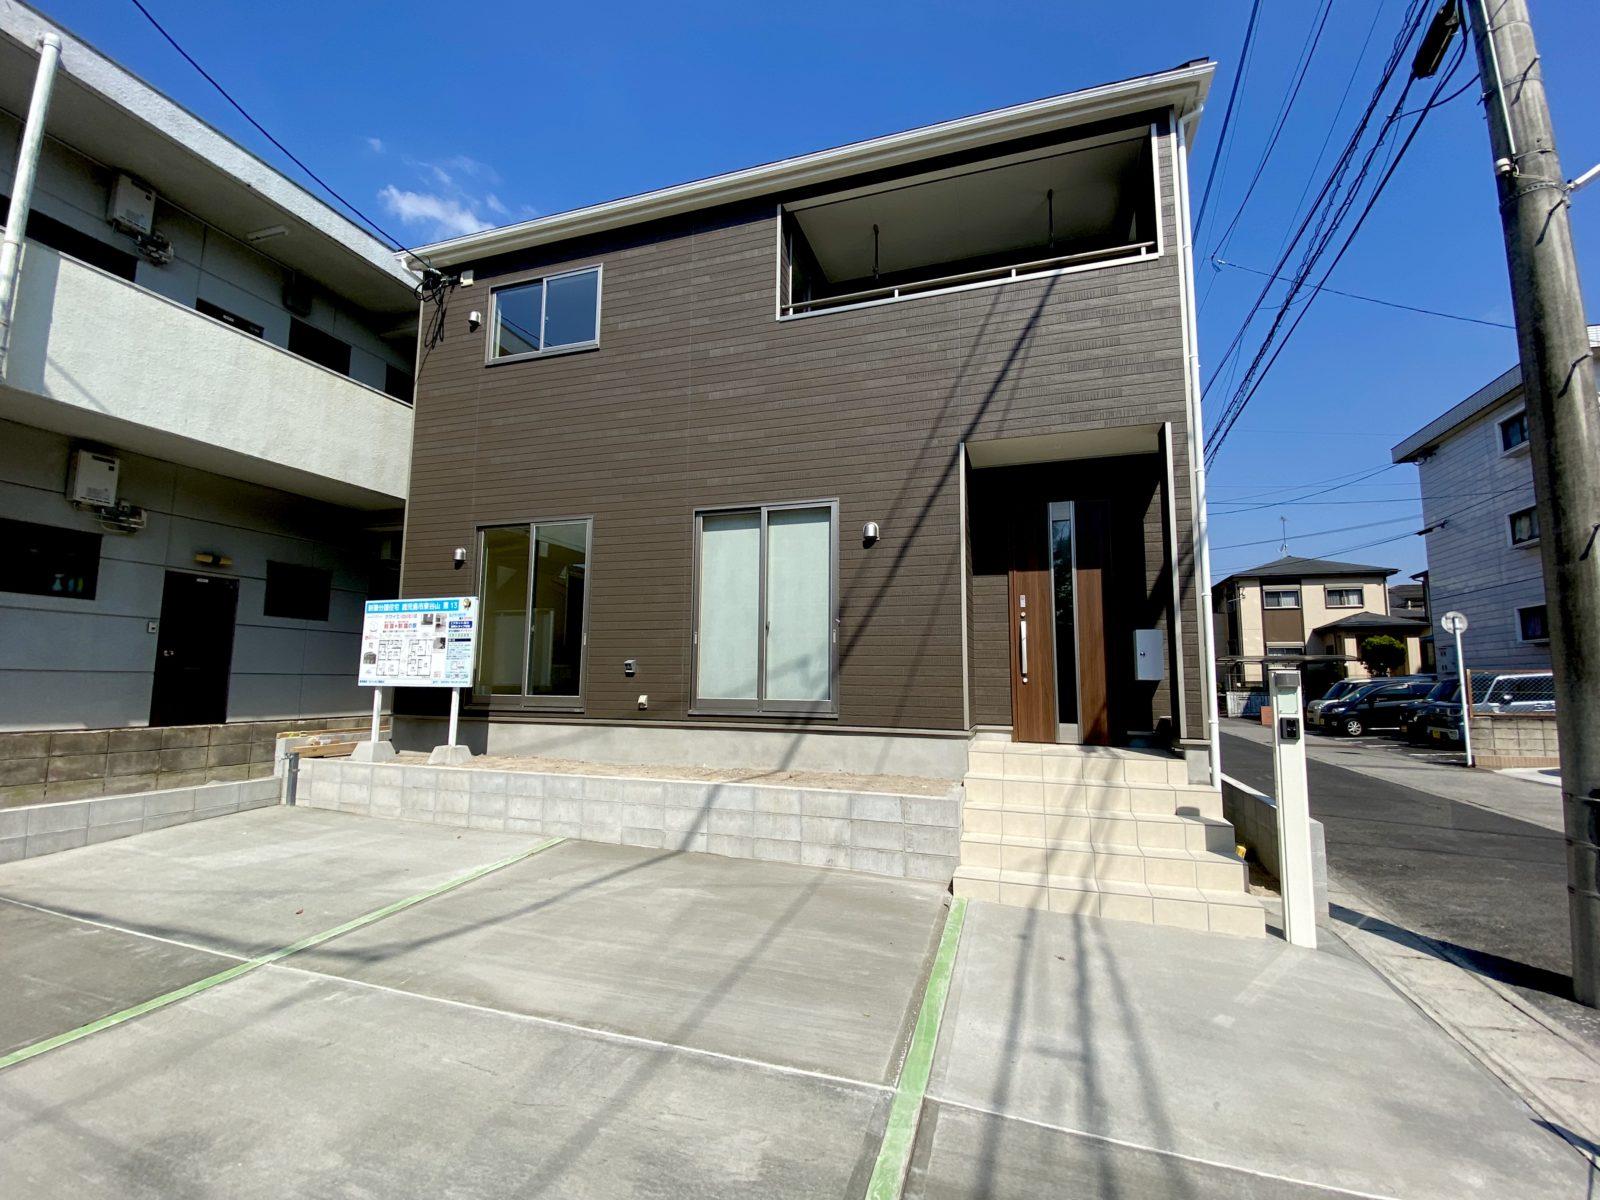 谷山電停近くでオープンハウス開催 【鹿児島市】